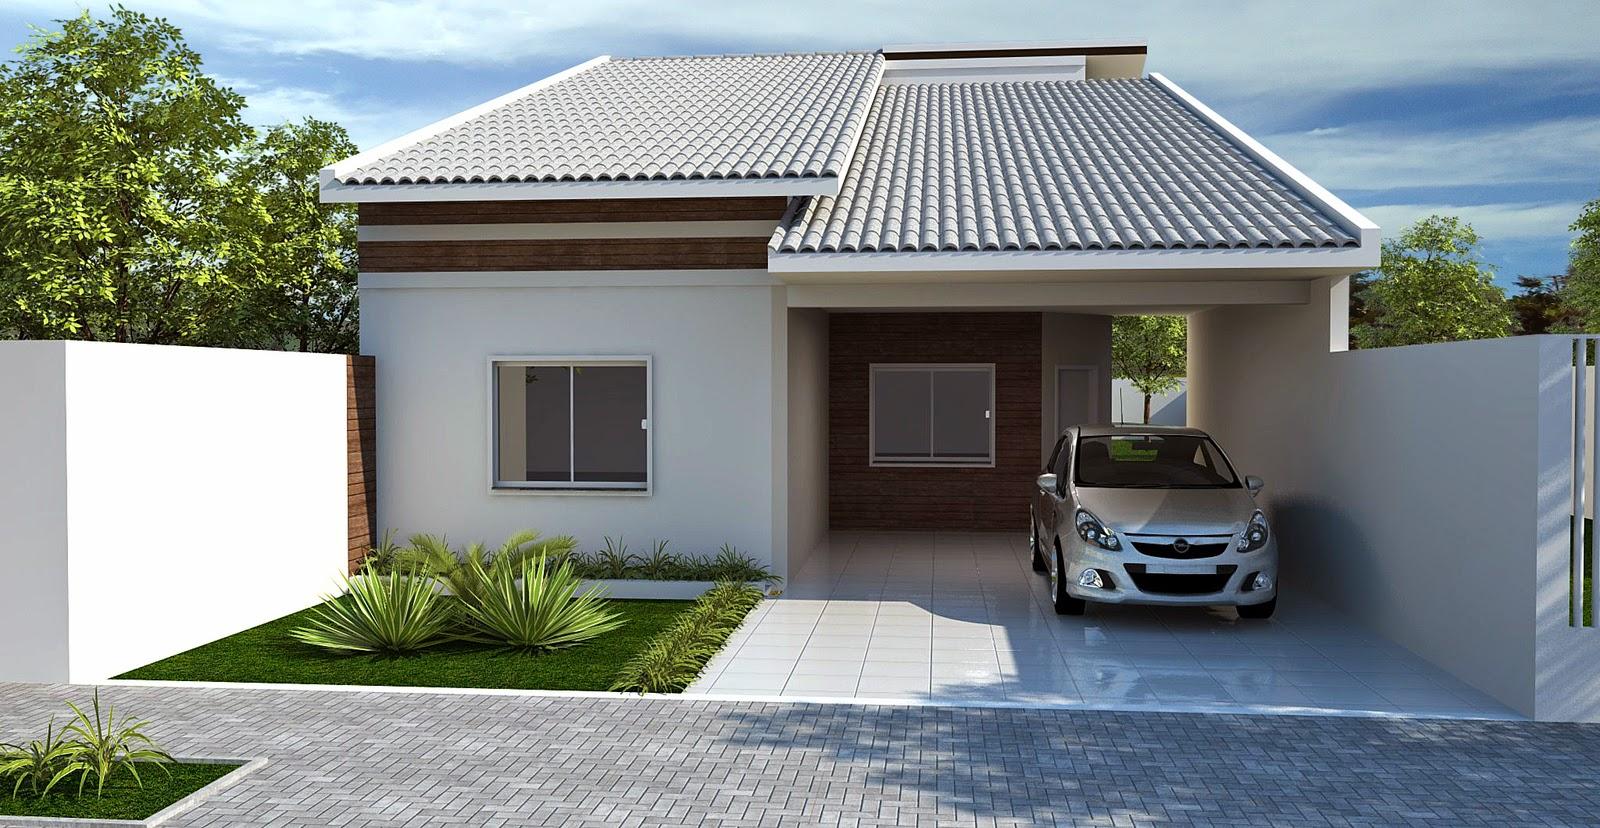 9 bel ssimas fachadas de casas com telhado